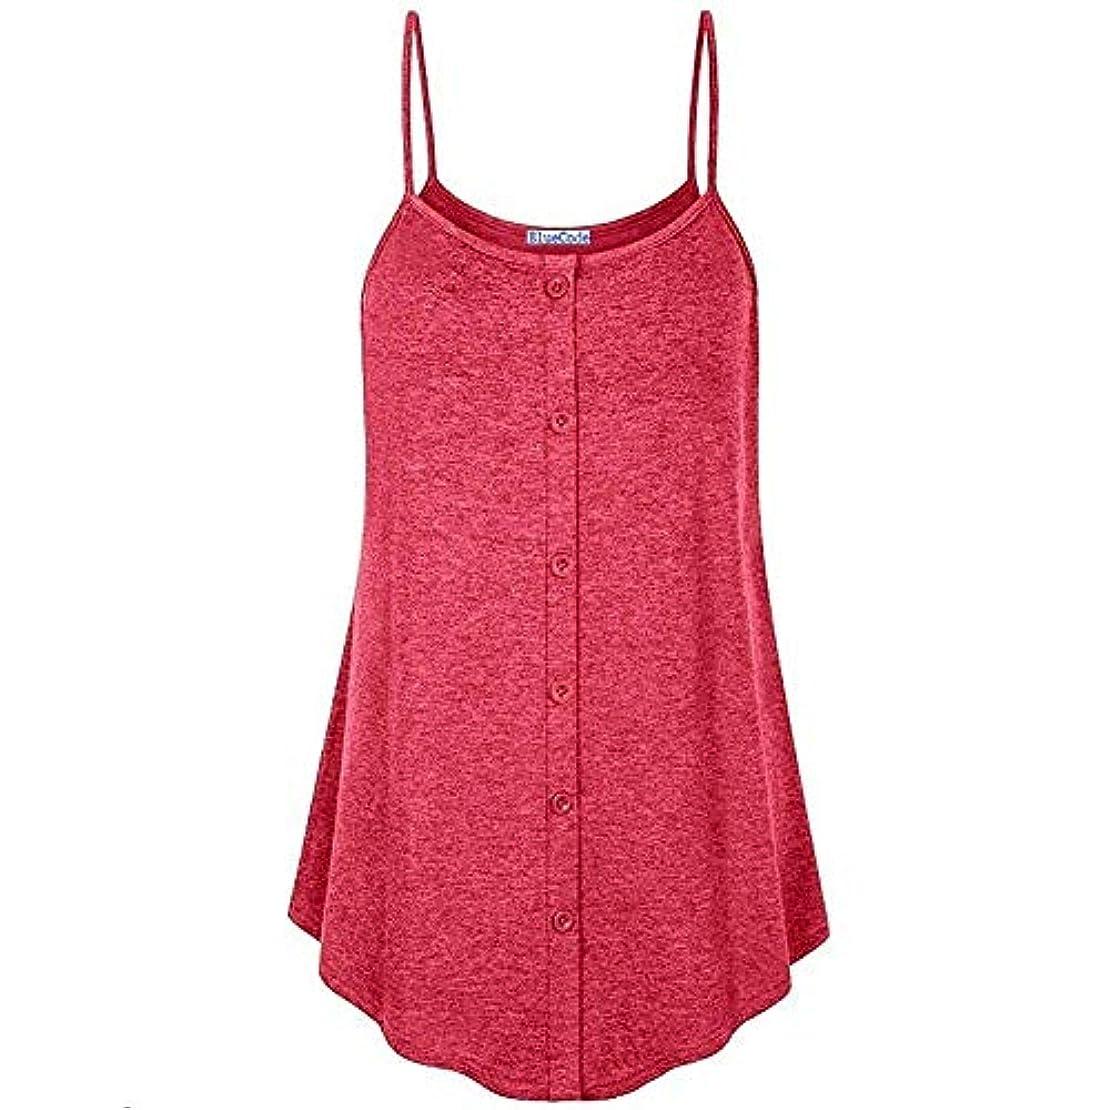 ダンプ厳しい豊富にMIFANコットンTシャツソリッドカラースリングシャツビーチウェアOネックボタンステッチキャミソールタンクトップ